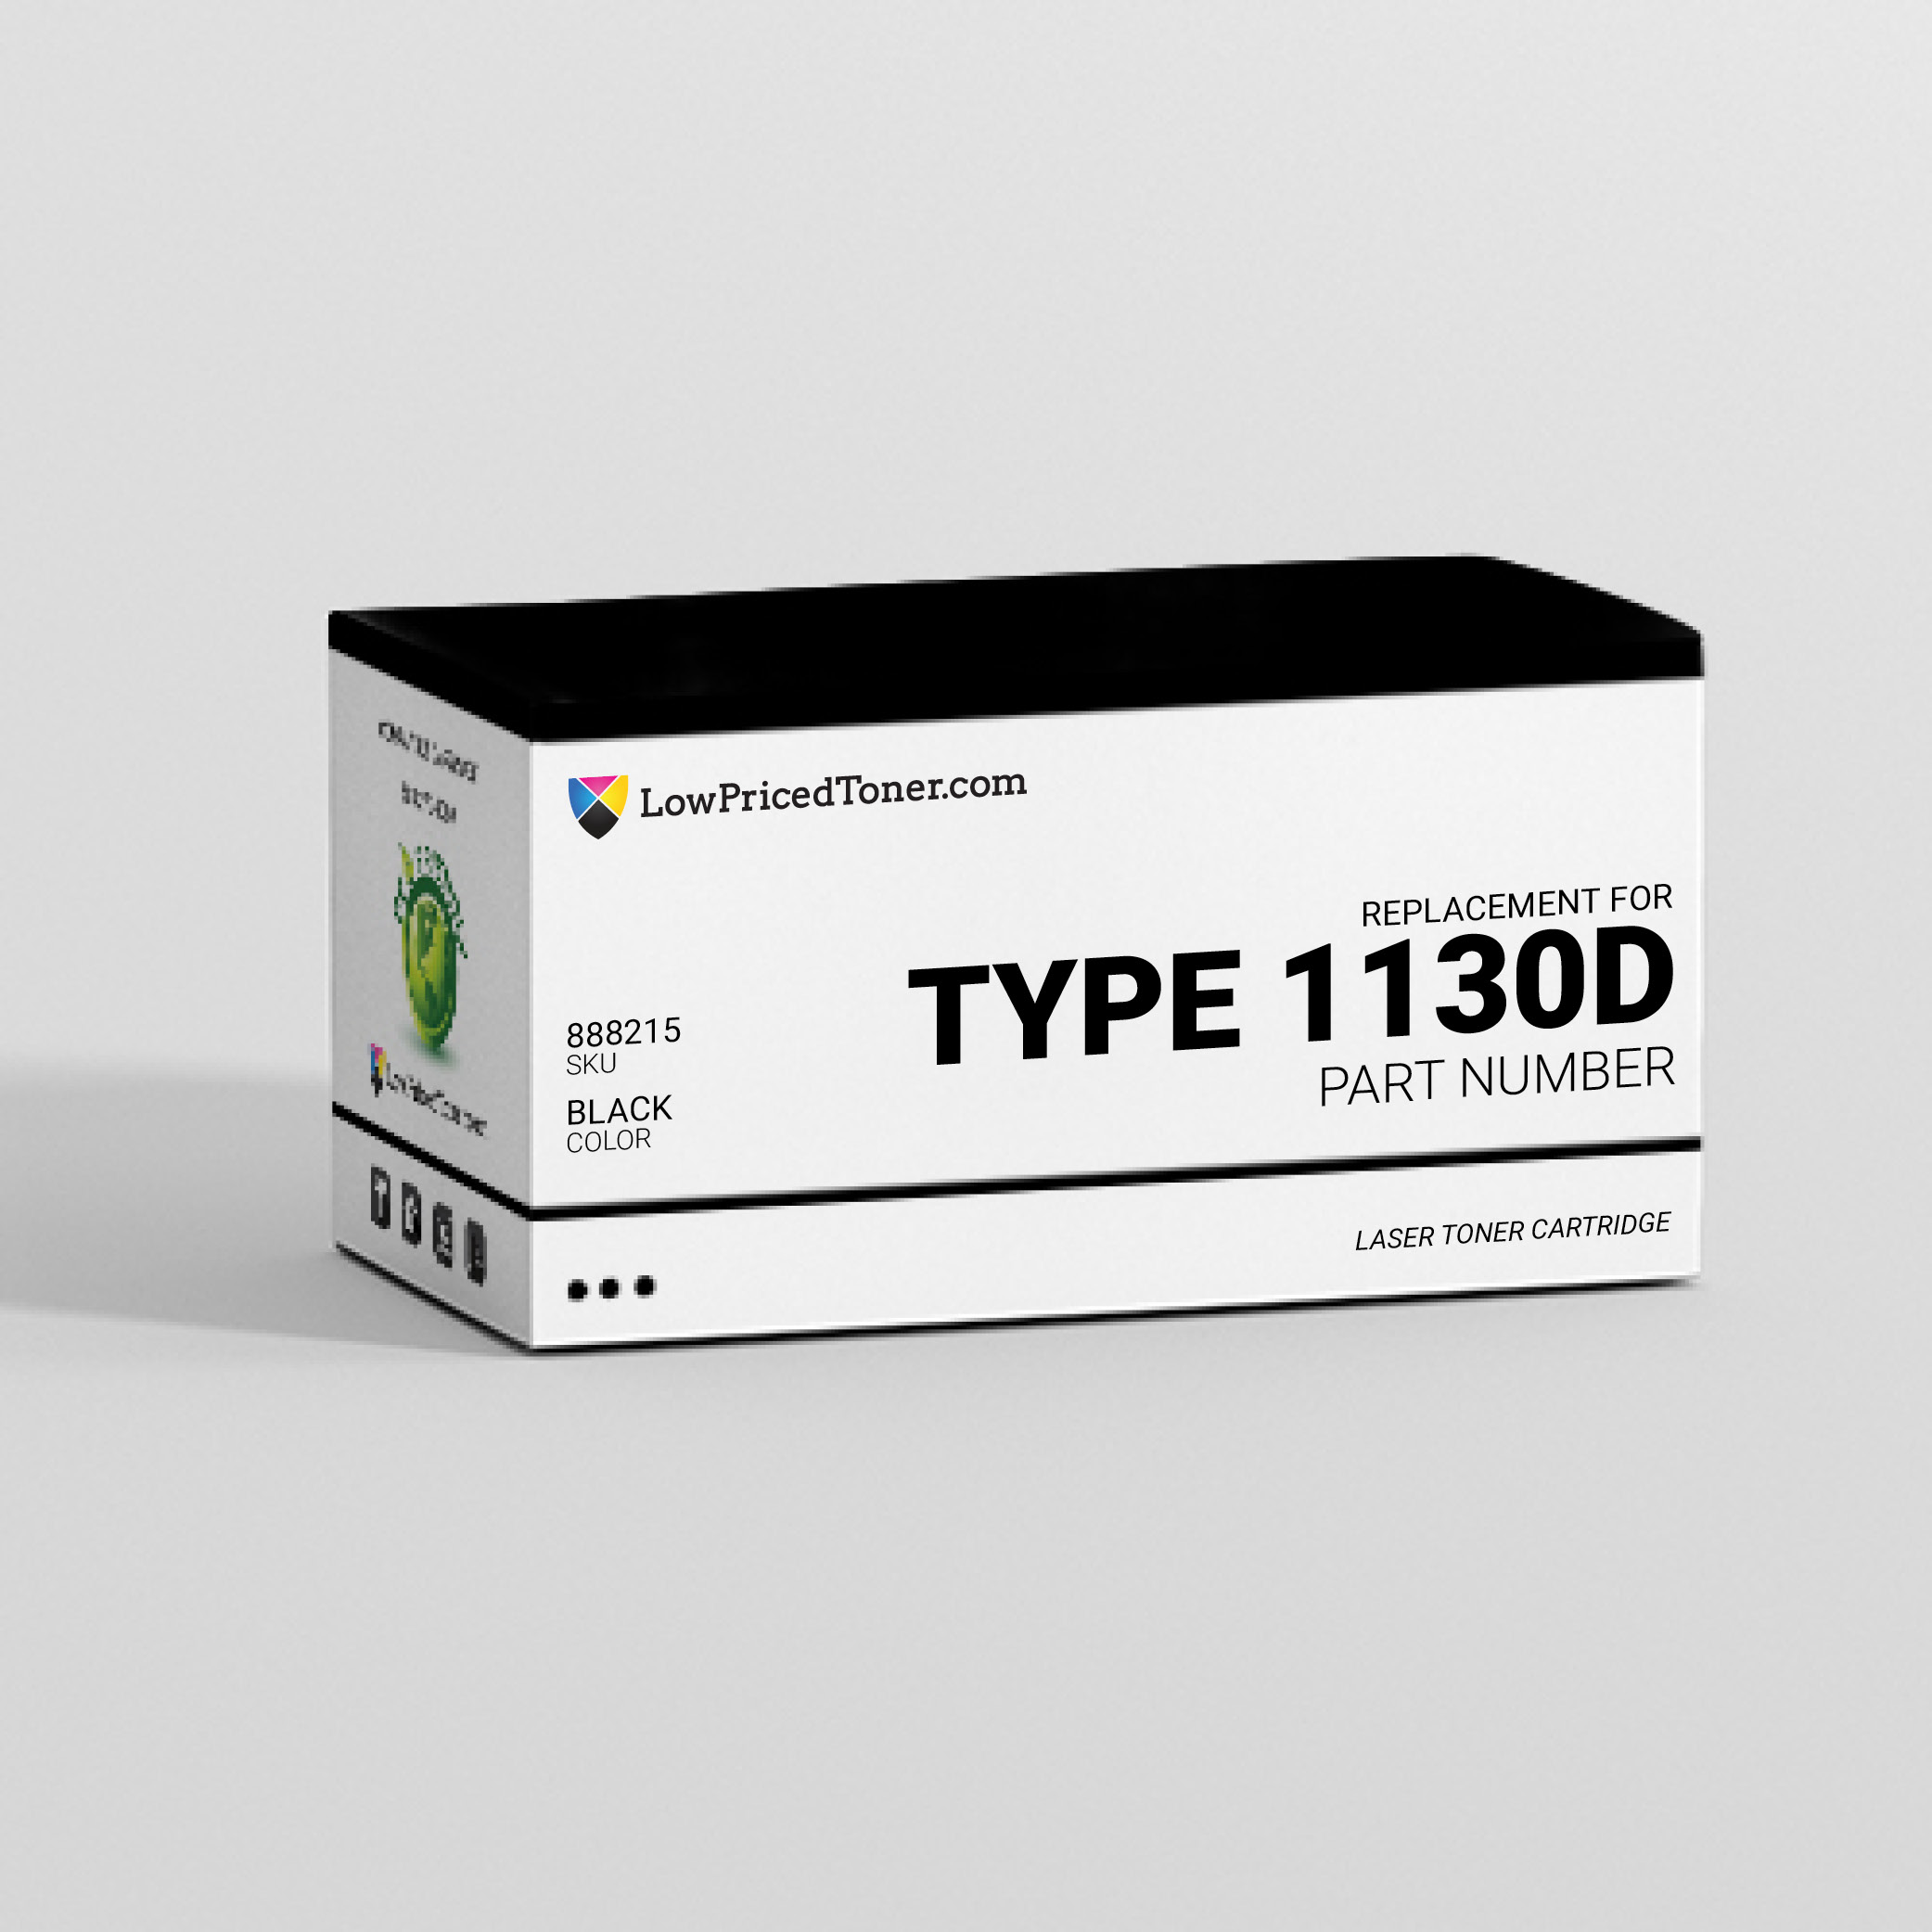 Ricoh 888215 Type 1130D Compatible Black Laser Toner Cartridge